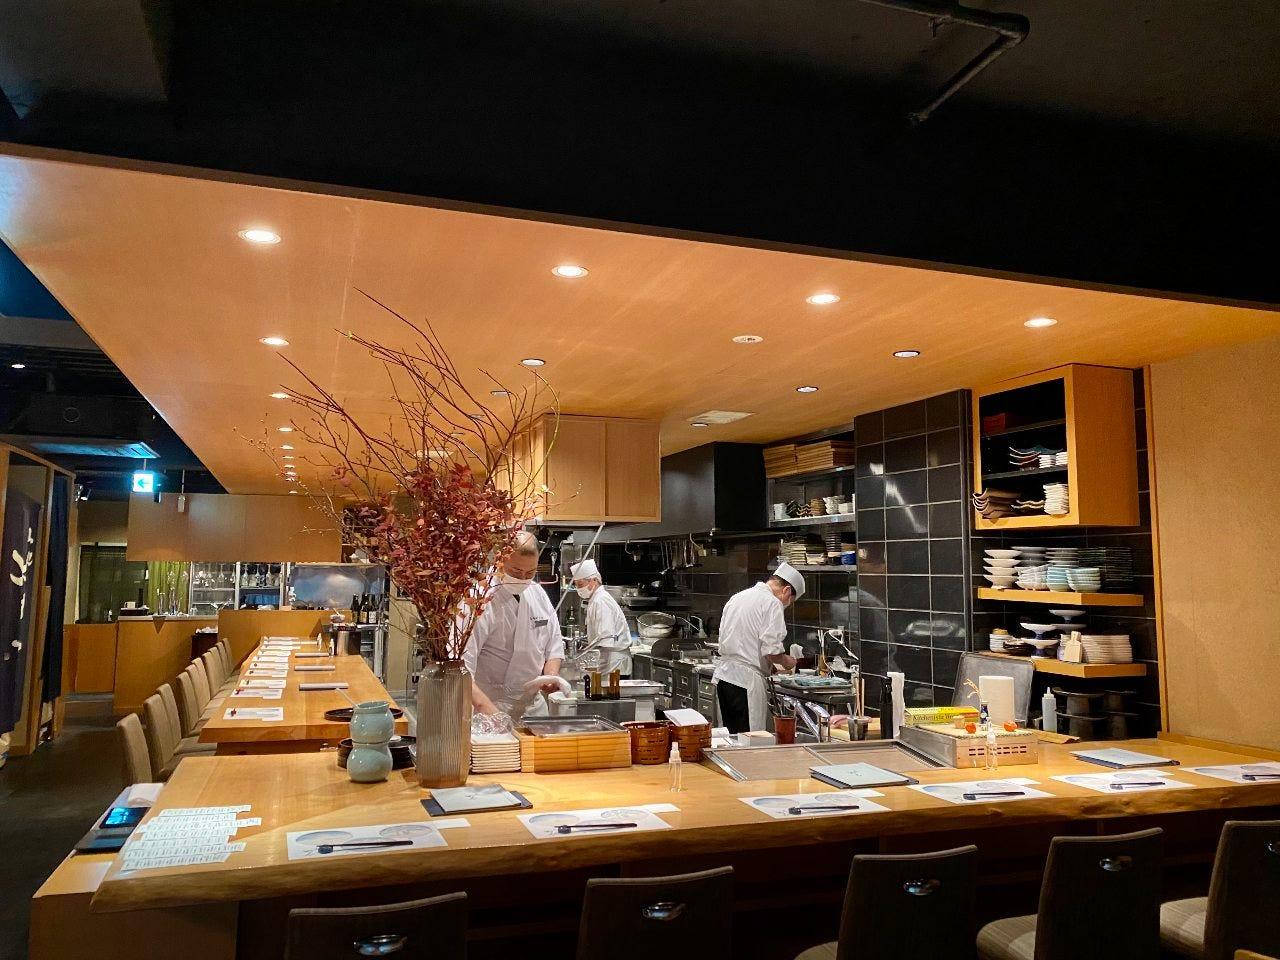 新潟の美味しいお米とお酒が愉しめる板前割烹